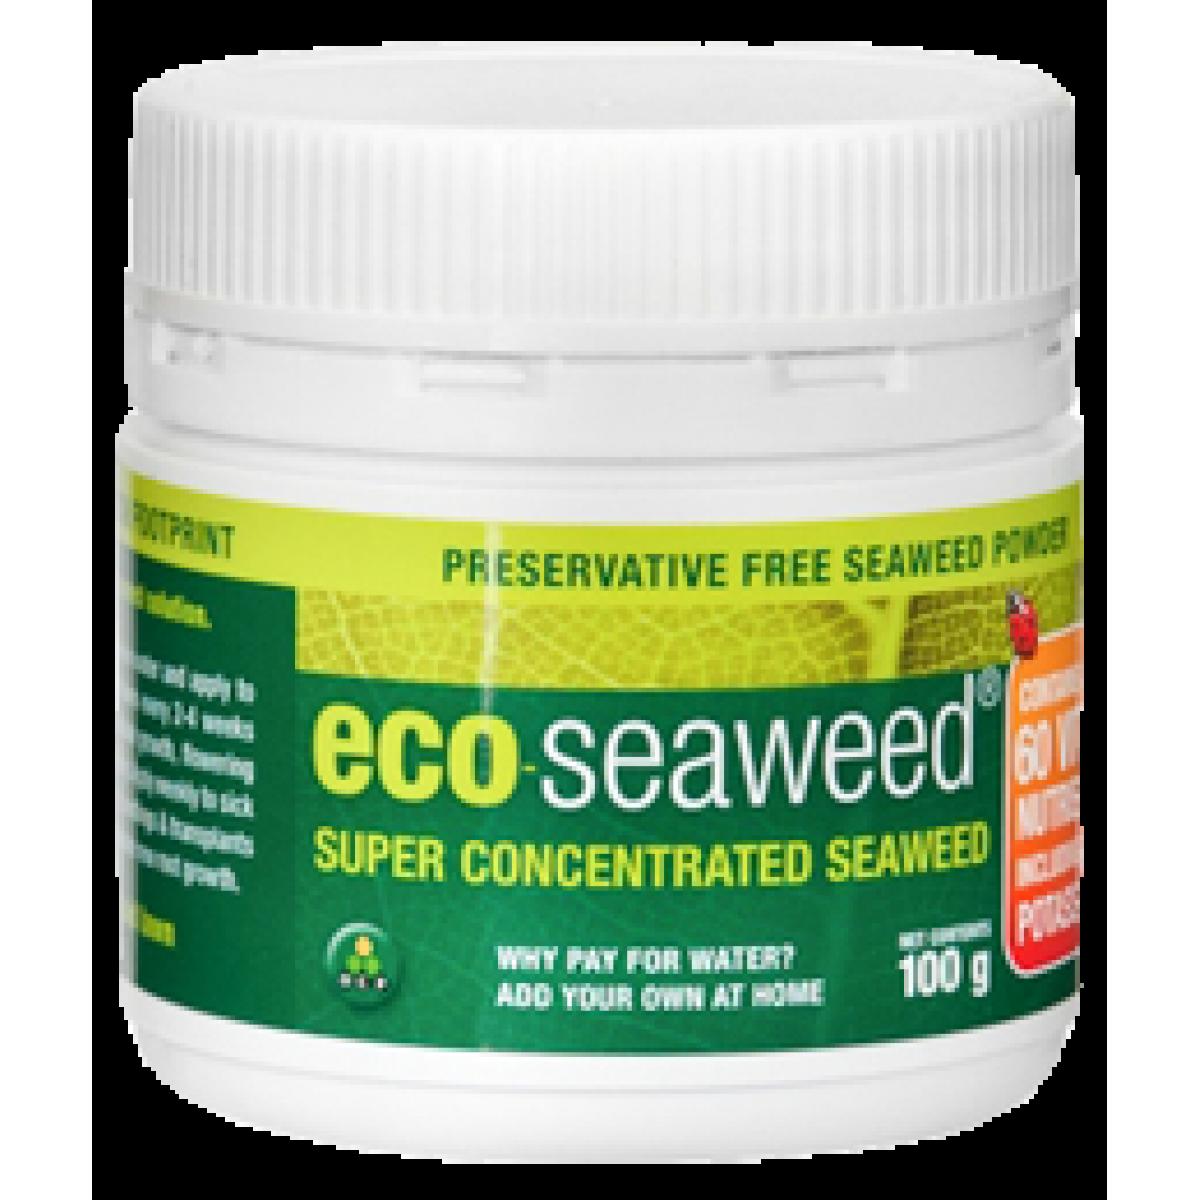 Eco Seaweed